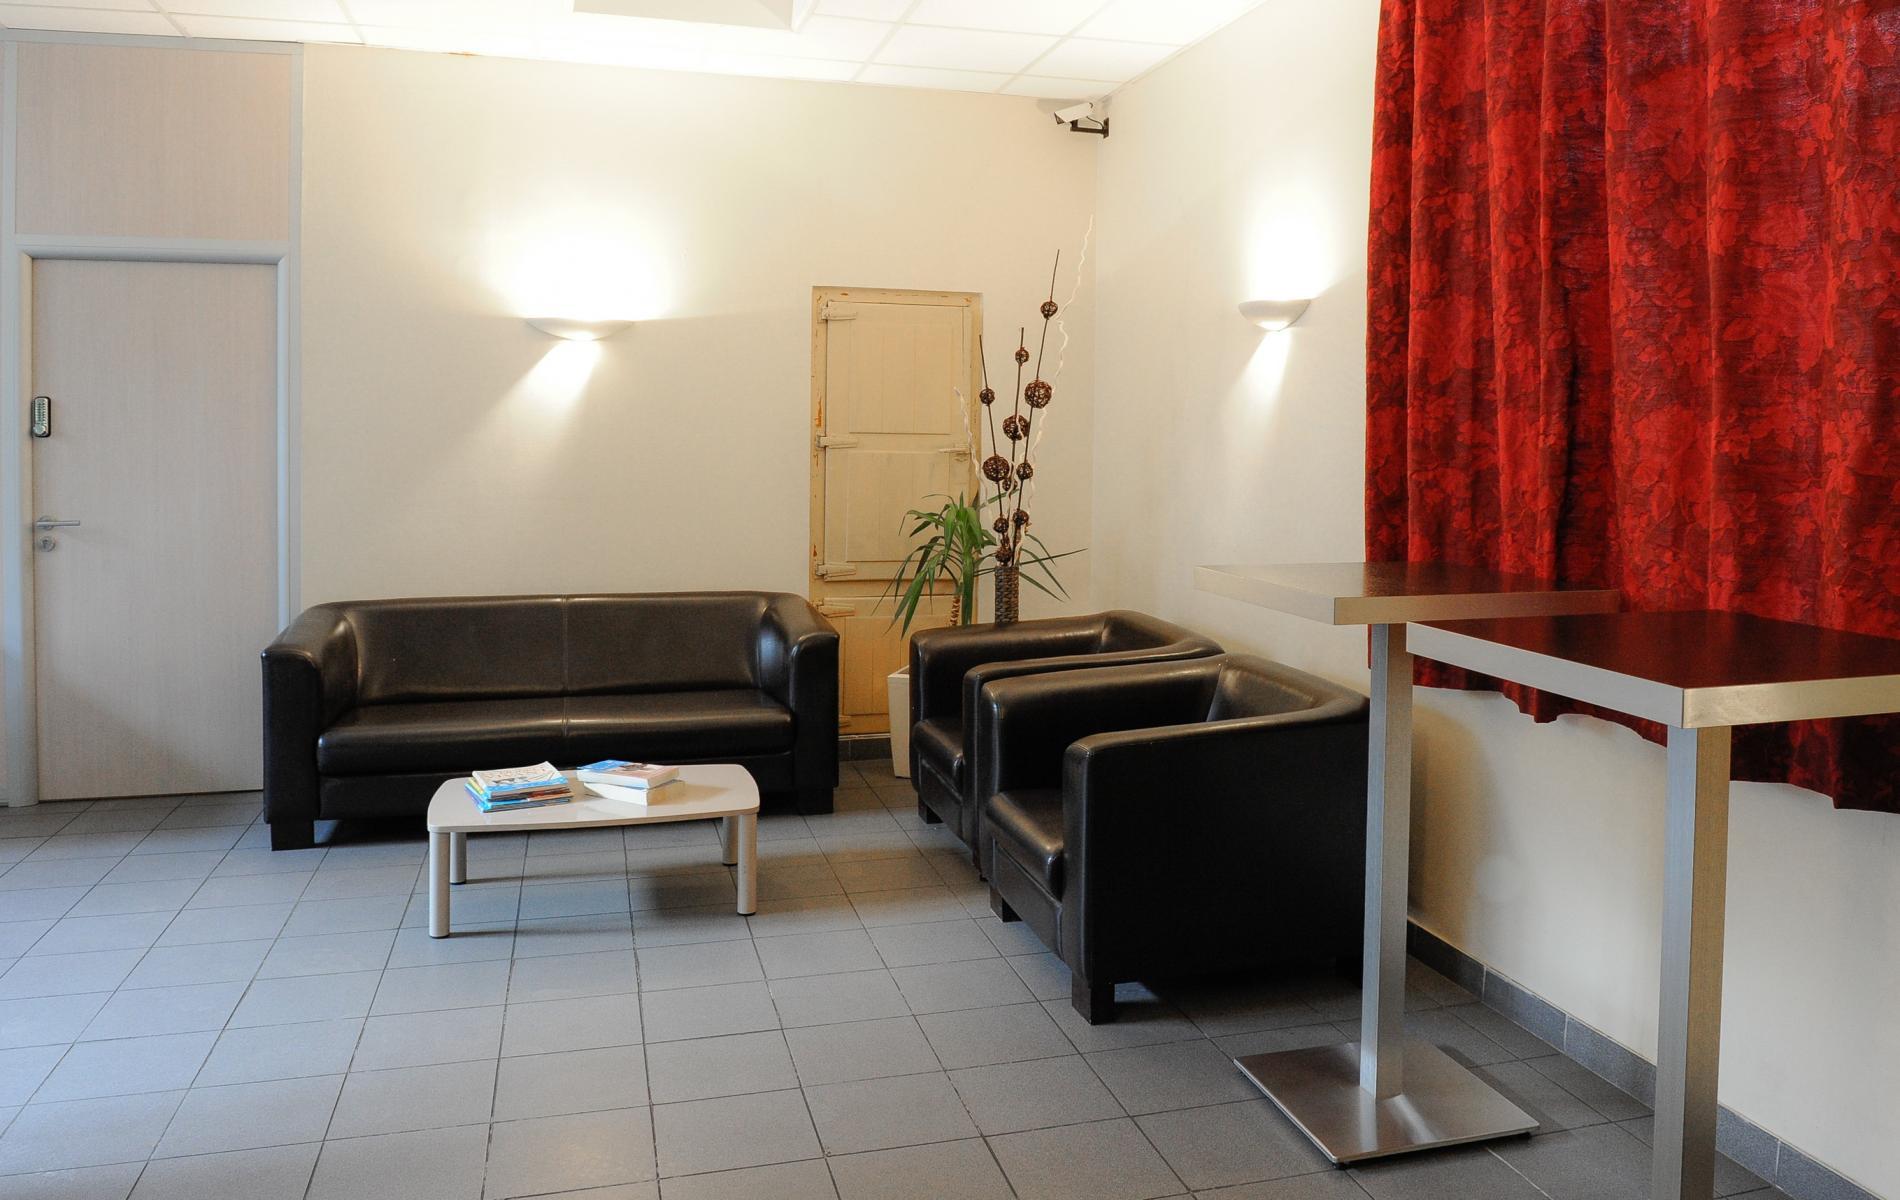 Résidence Hotelière du Havre - Hotel à Etretat